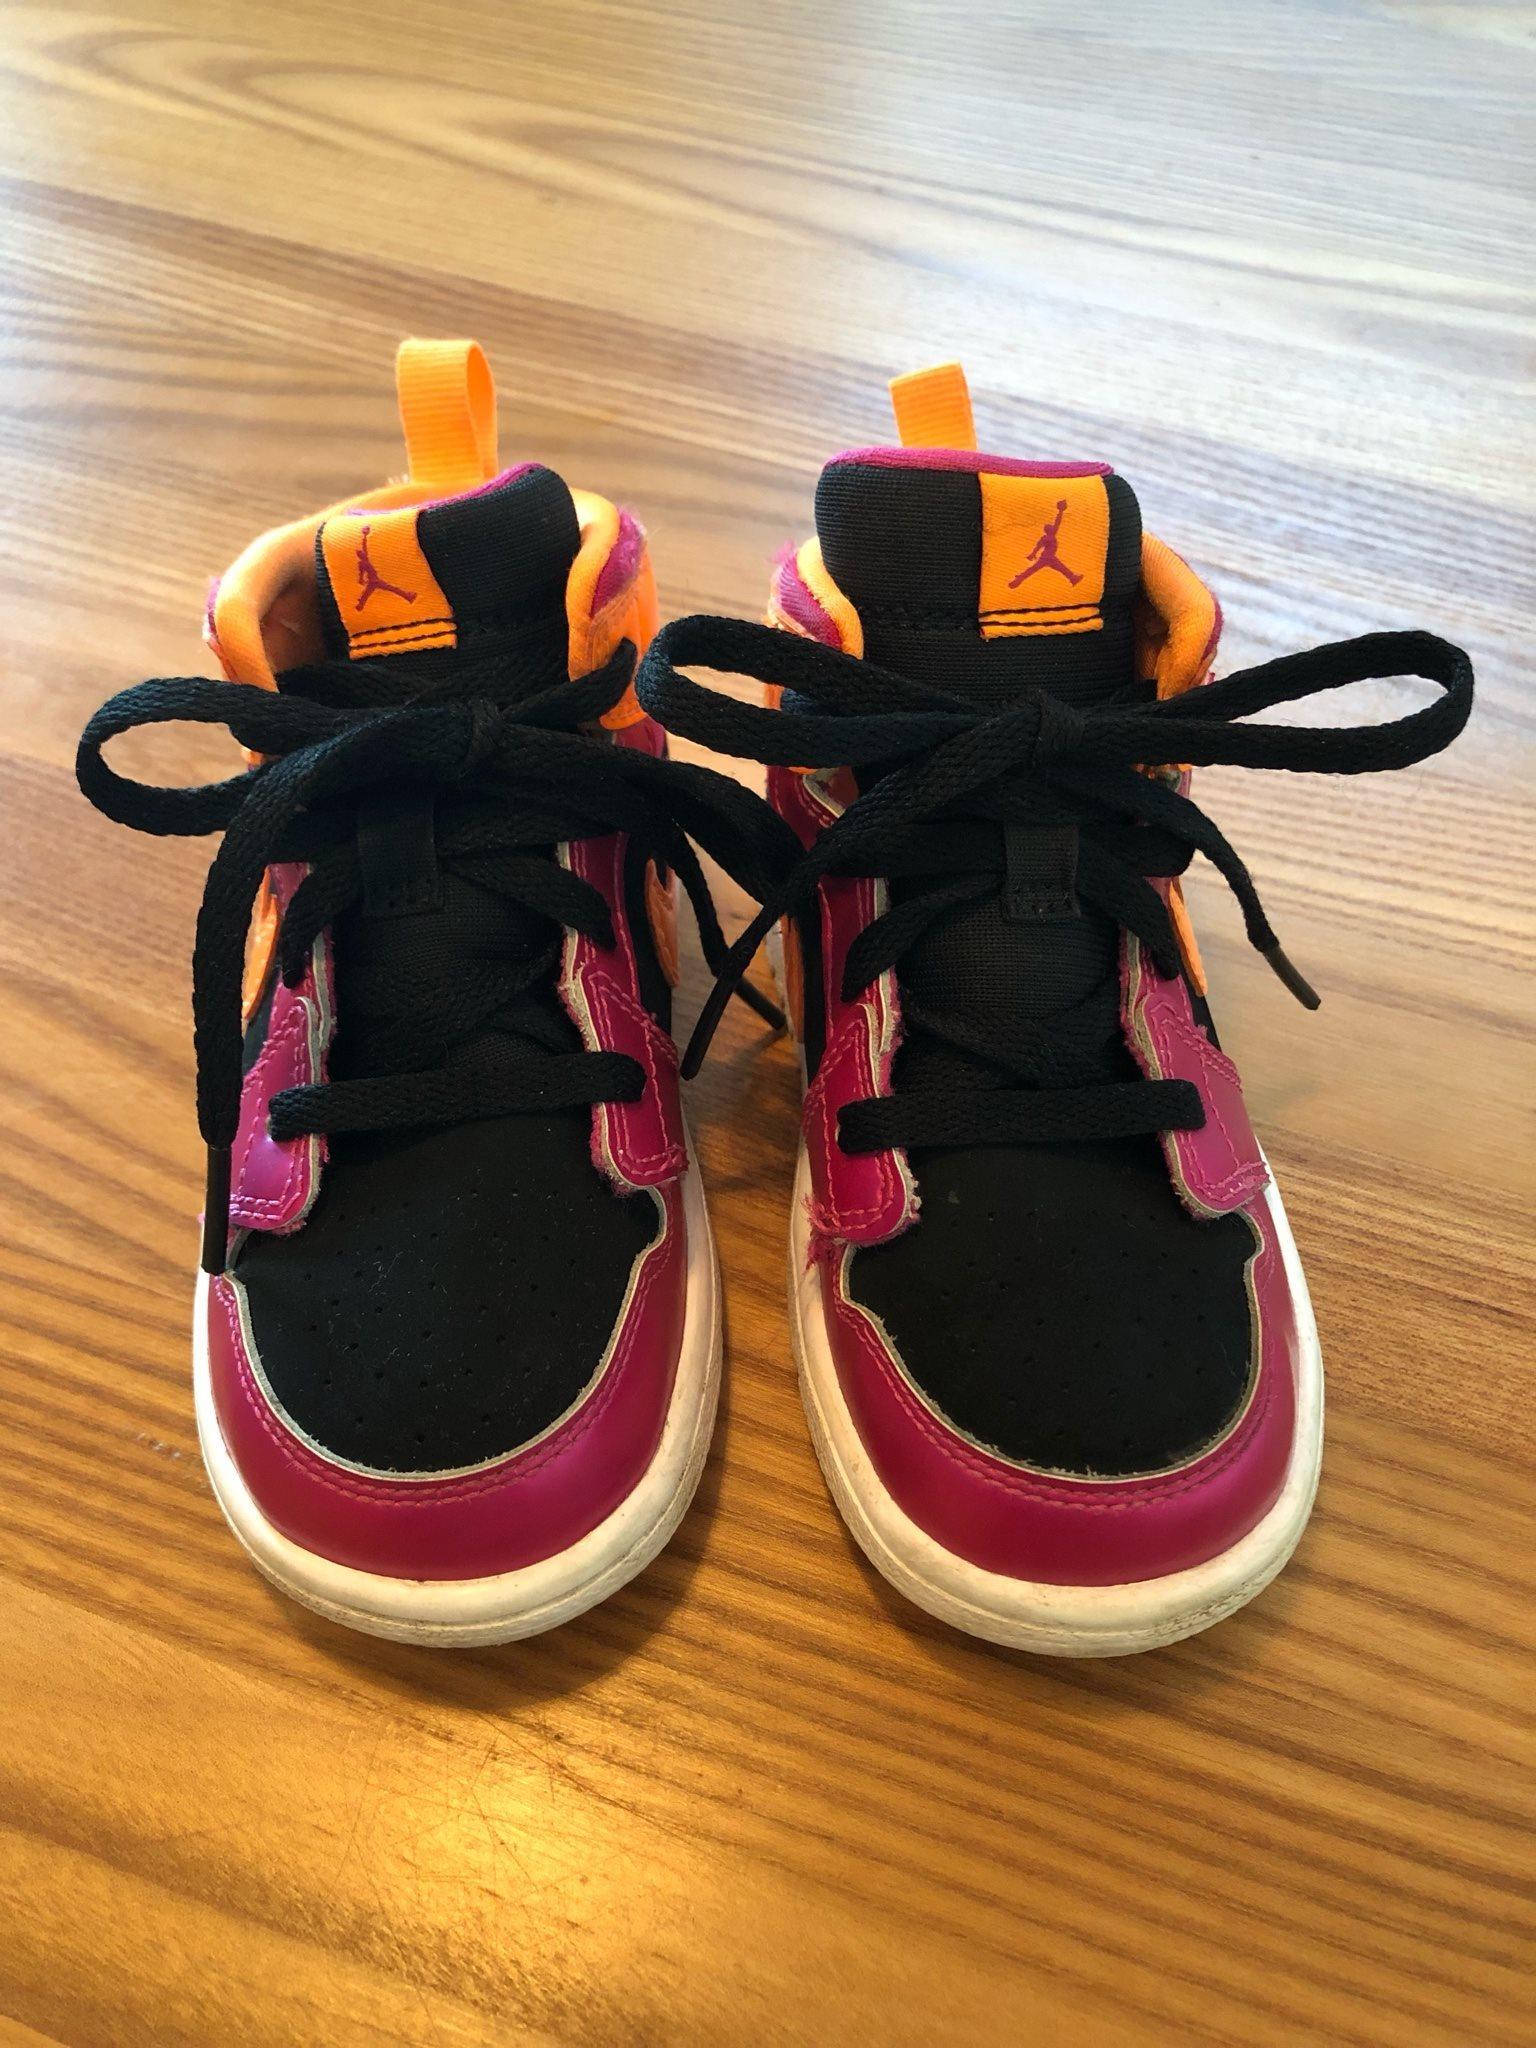 hot sale online 274f9 ad260 Nike Air Jordan skor, storlek 23,5